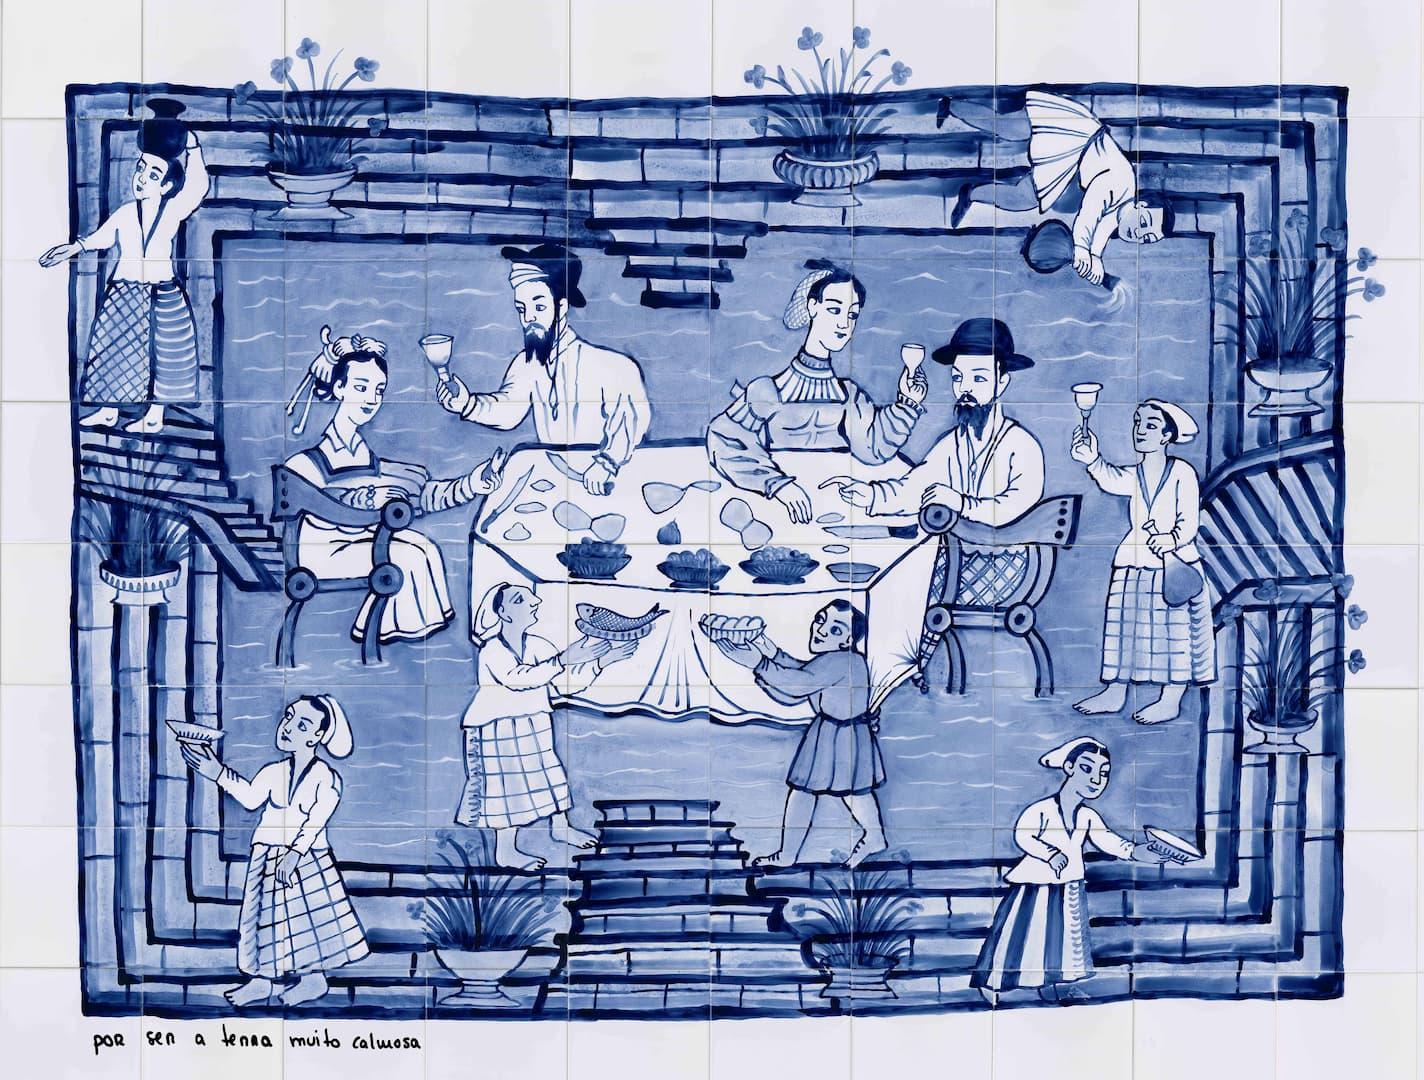 Painel de azulejos que retrata pessoas numa mesa posta com tons azuis.